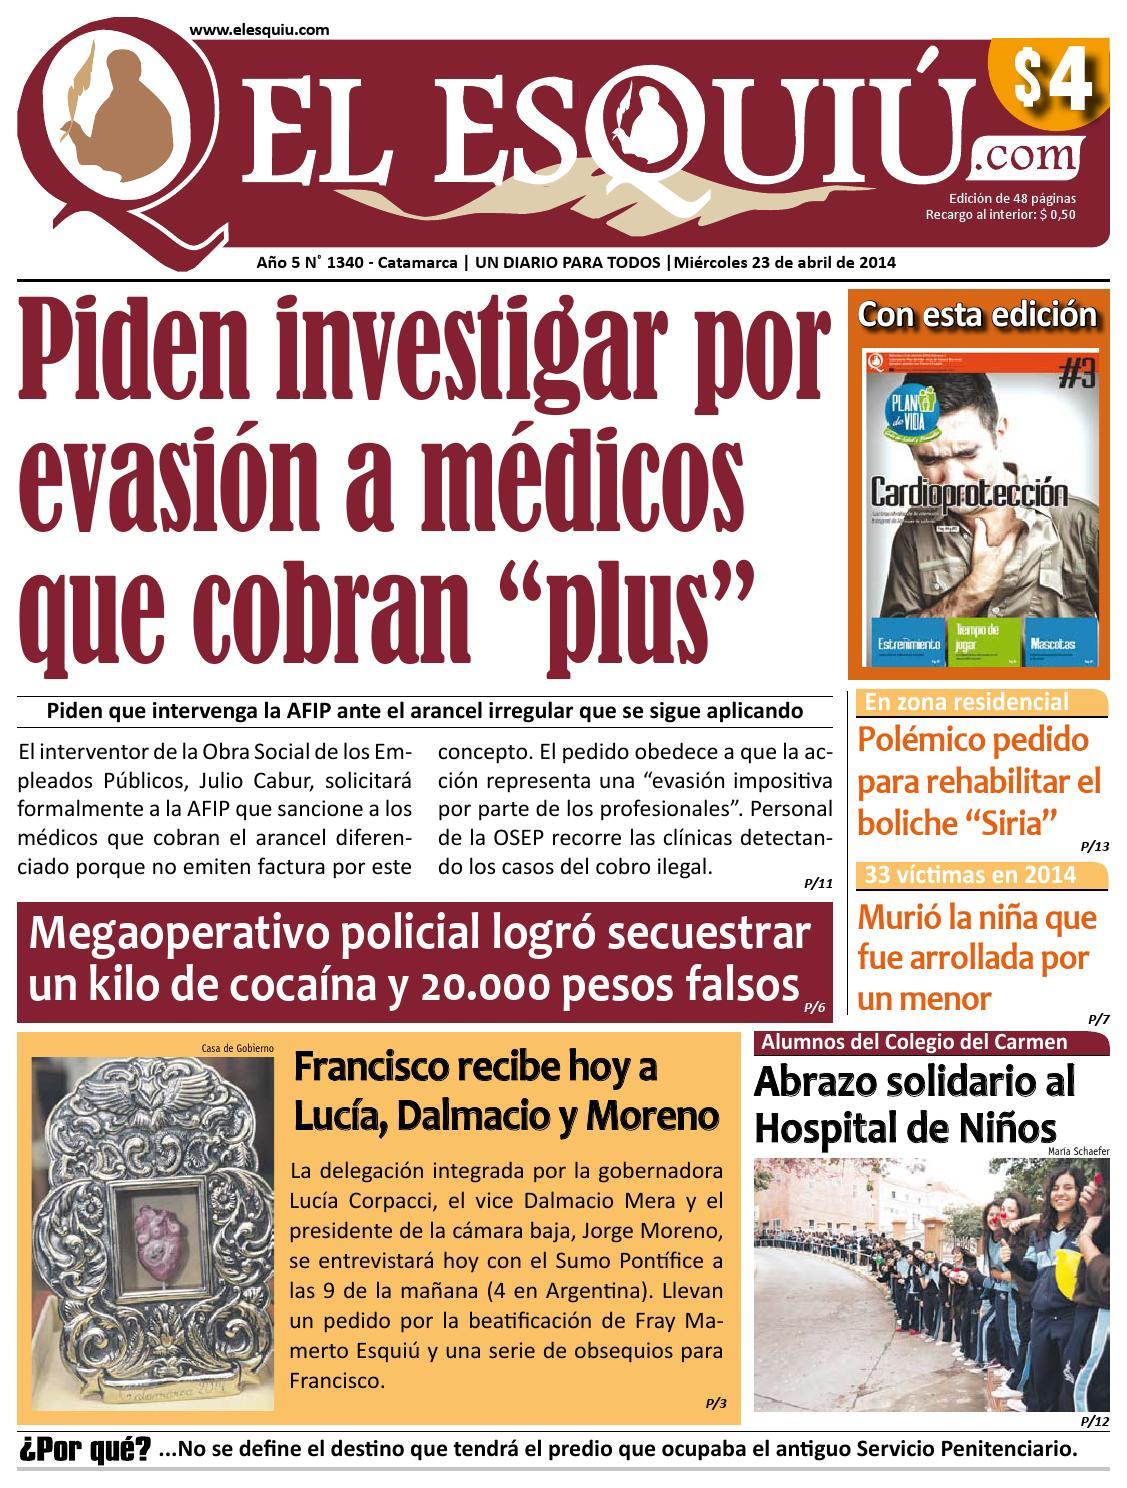 El Esquiu.com, miércoles 23 de abril de 2014 by Editorial El Esquiú ...